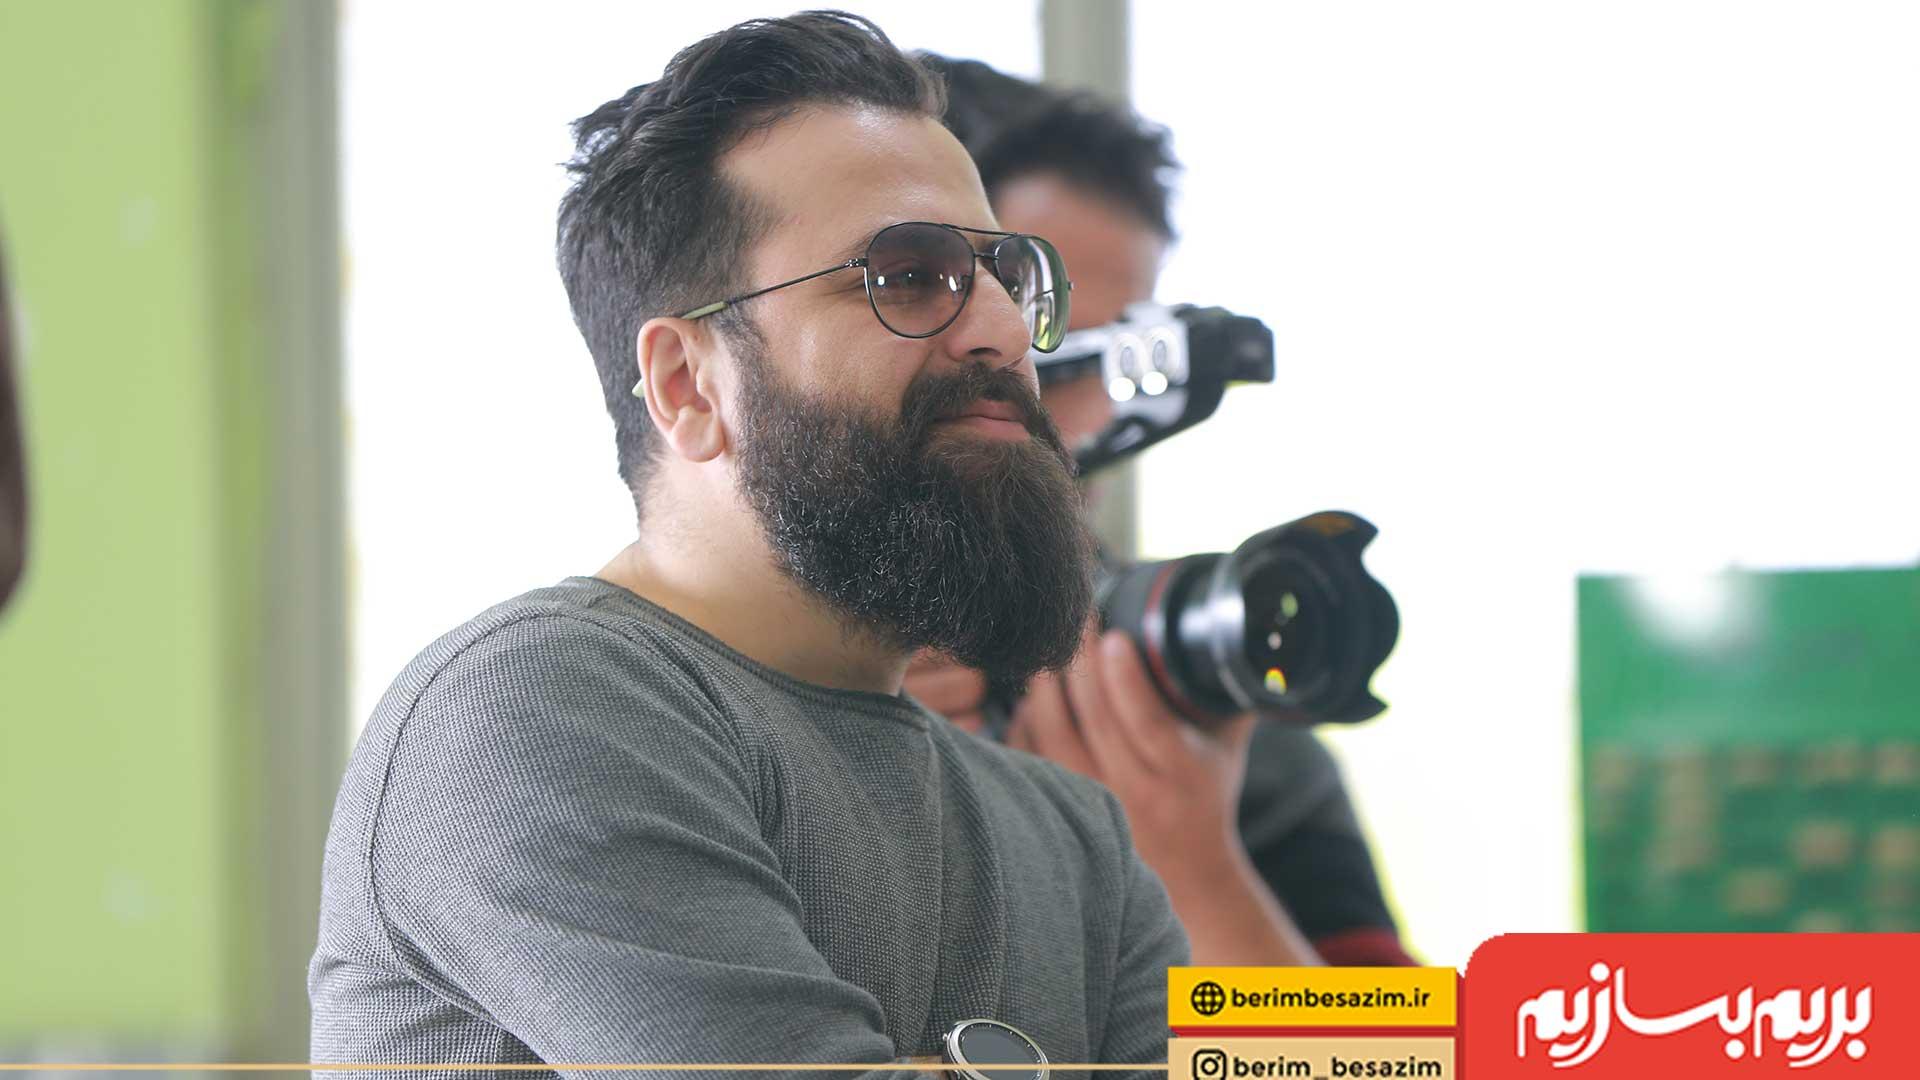 «بریم بسازیم» برنامه ای با حس و حال ایرانی و بومی است/ گفت و گو با «مجید عزیزی» کارگردان برنامه